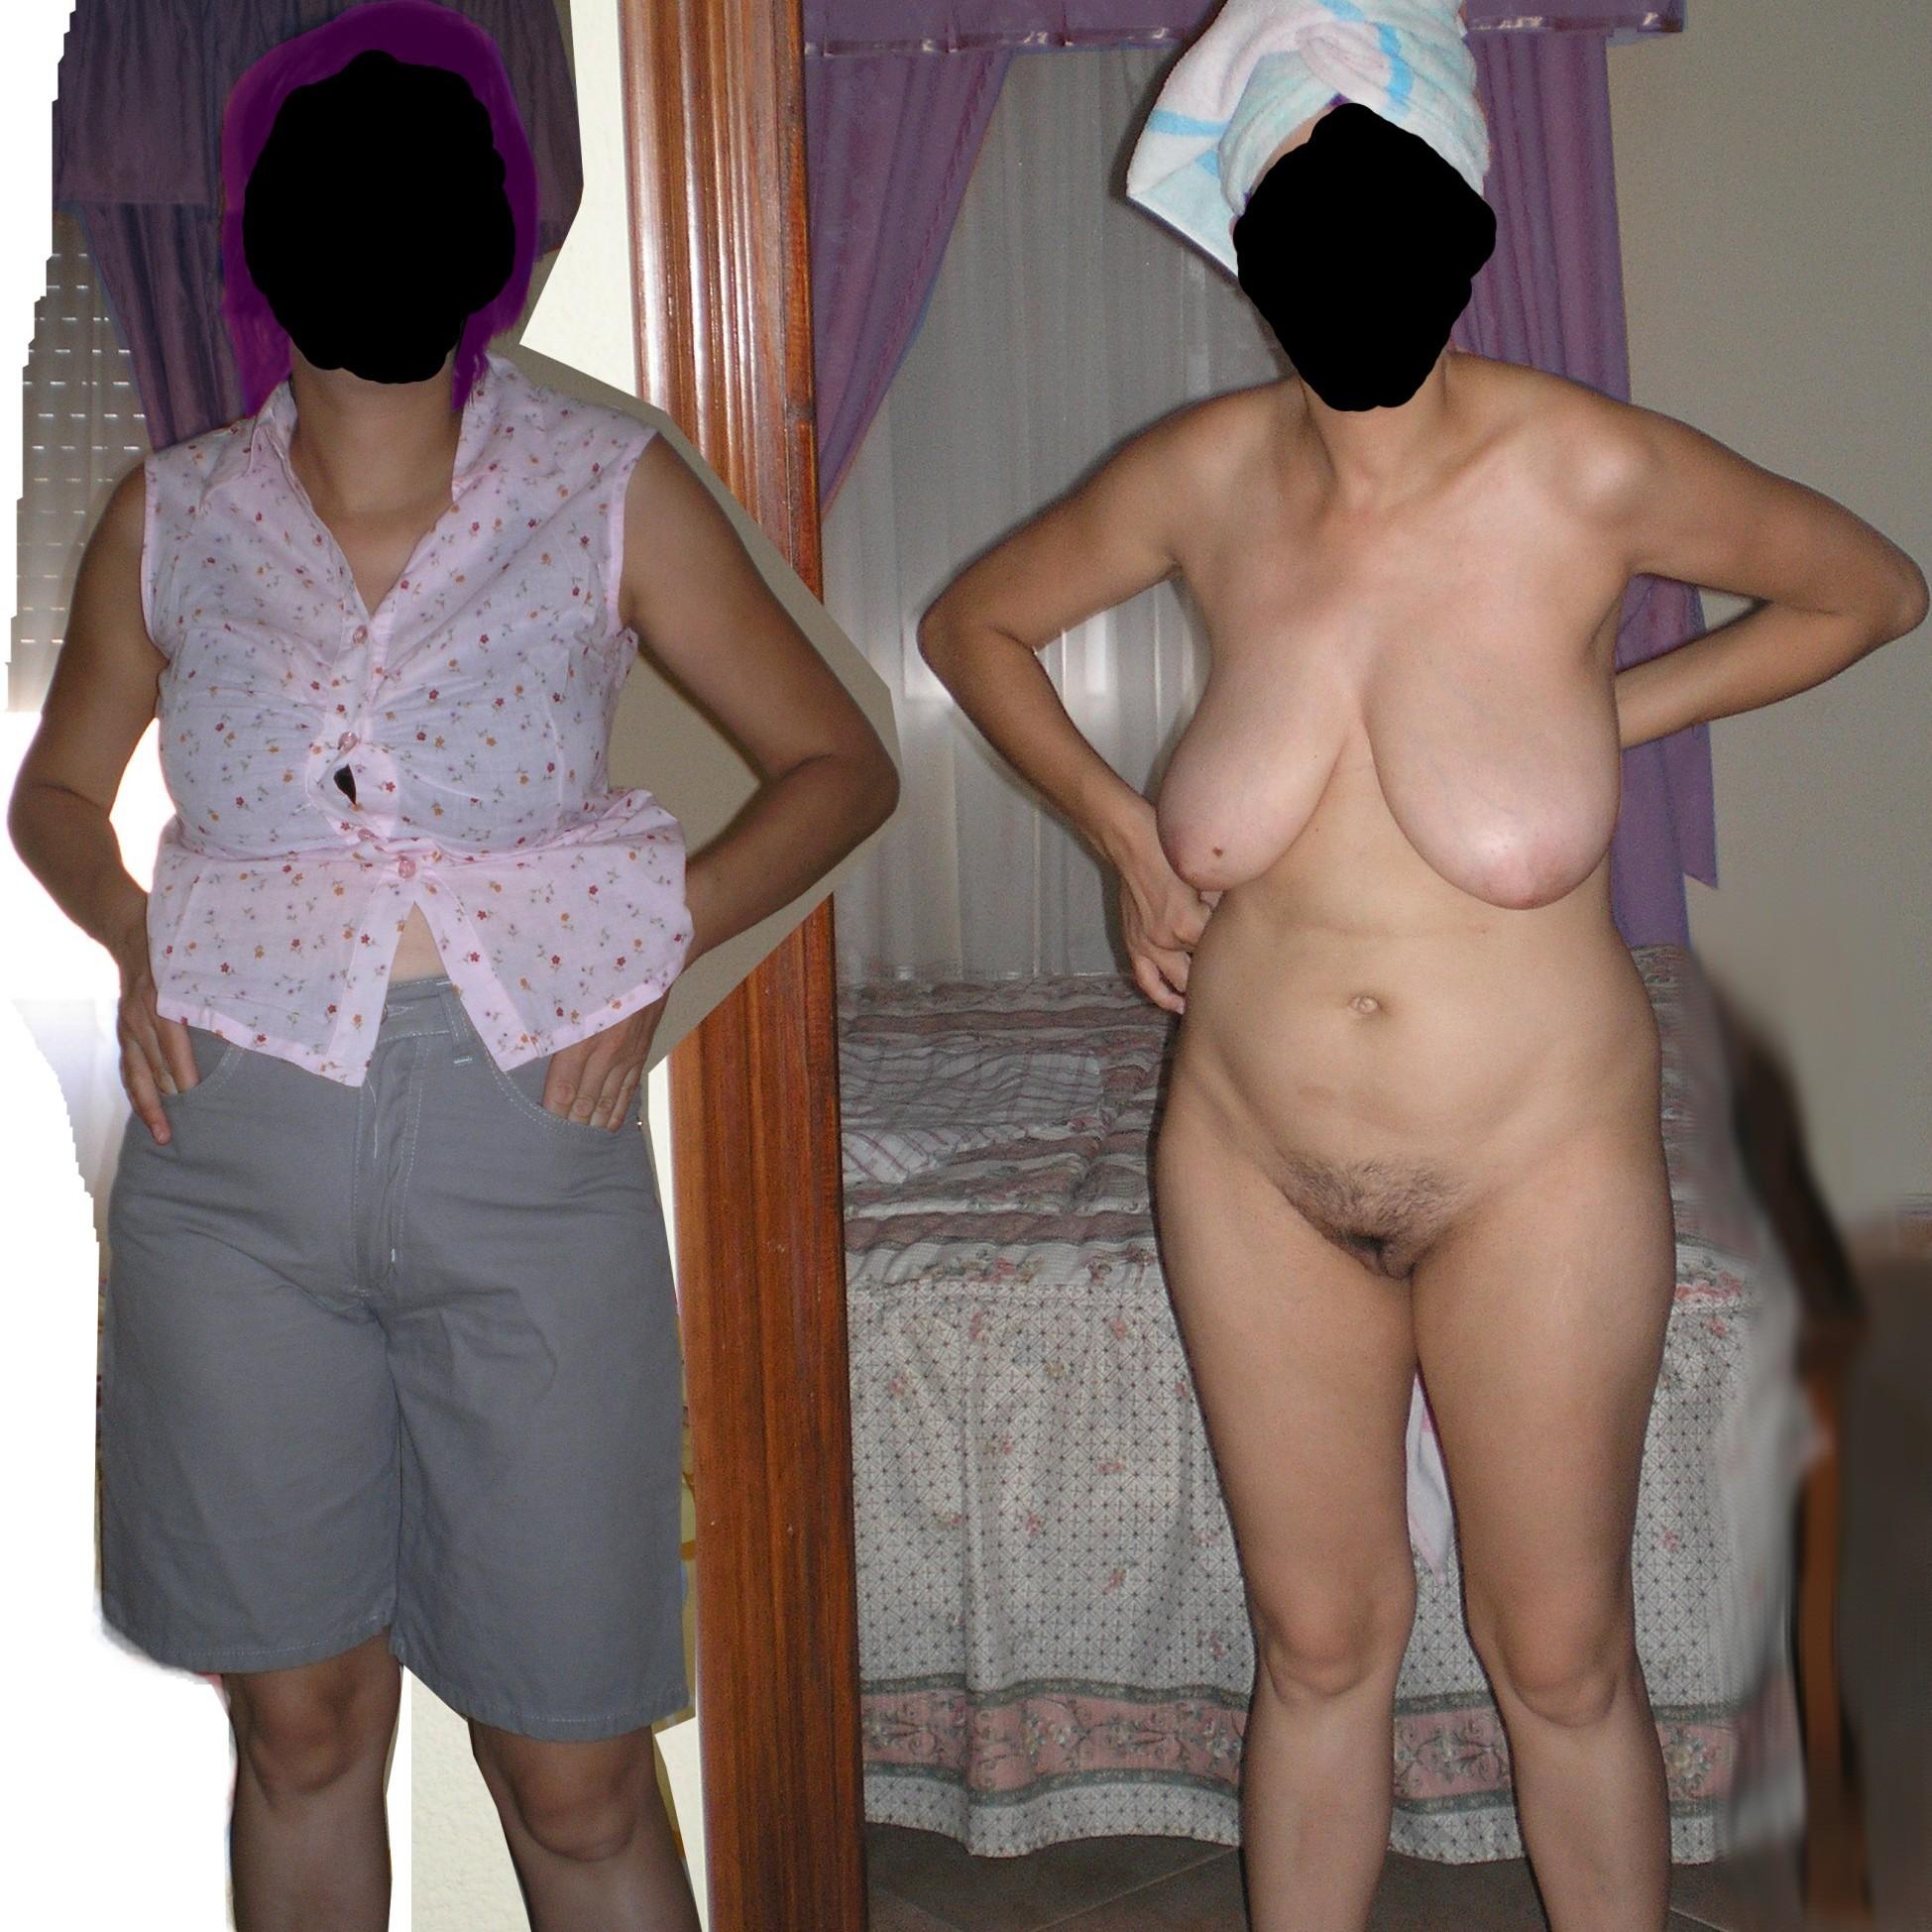 Luisa con y sin Ropa - parte2